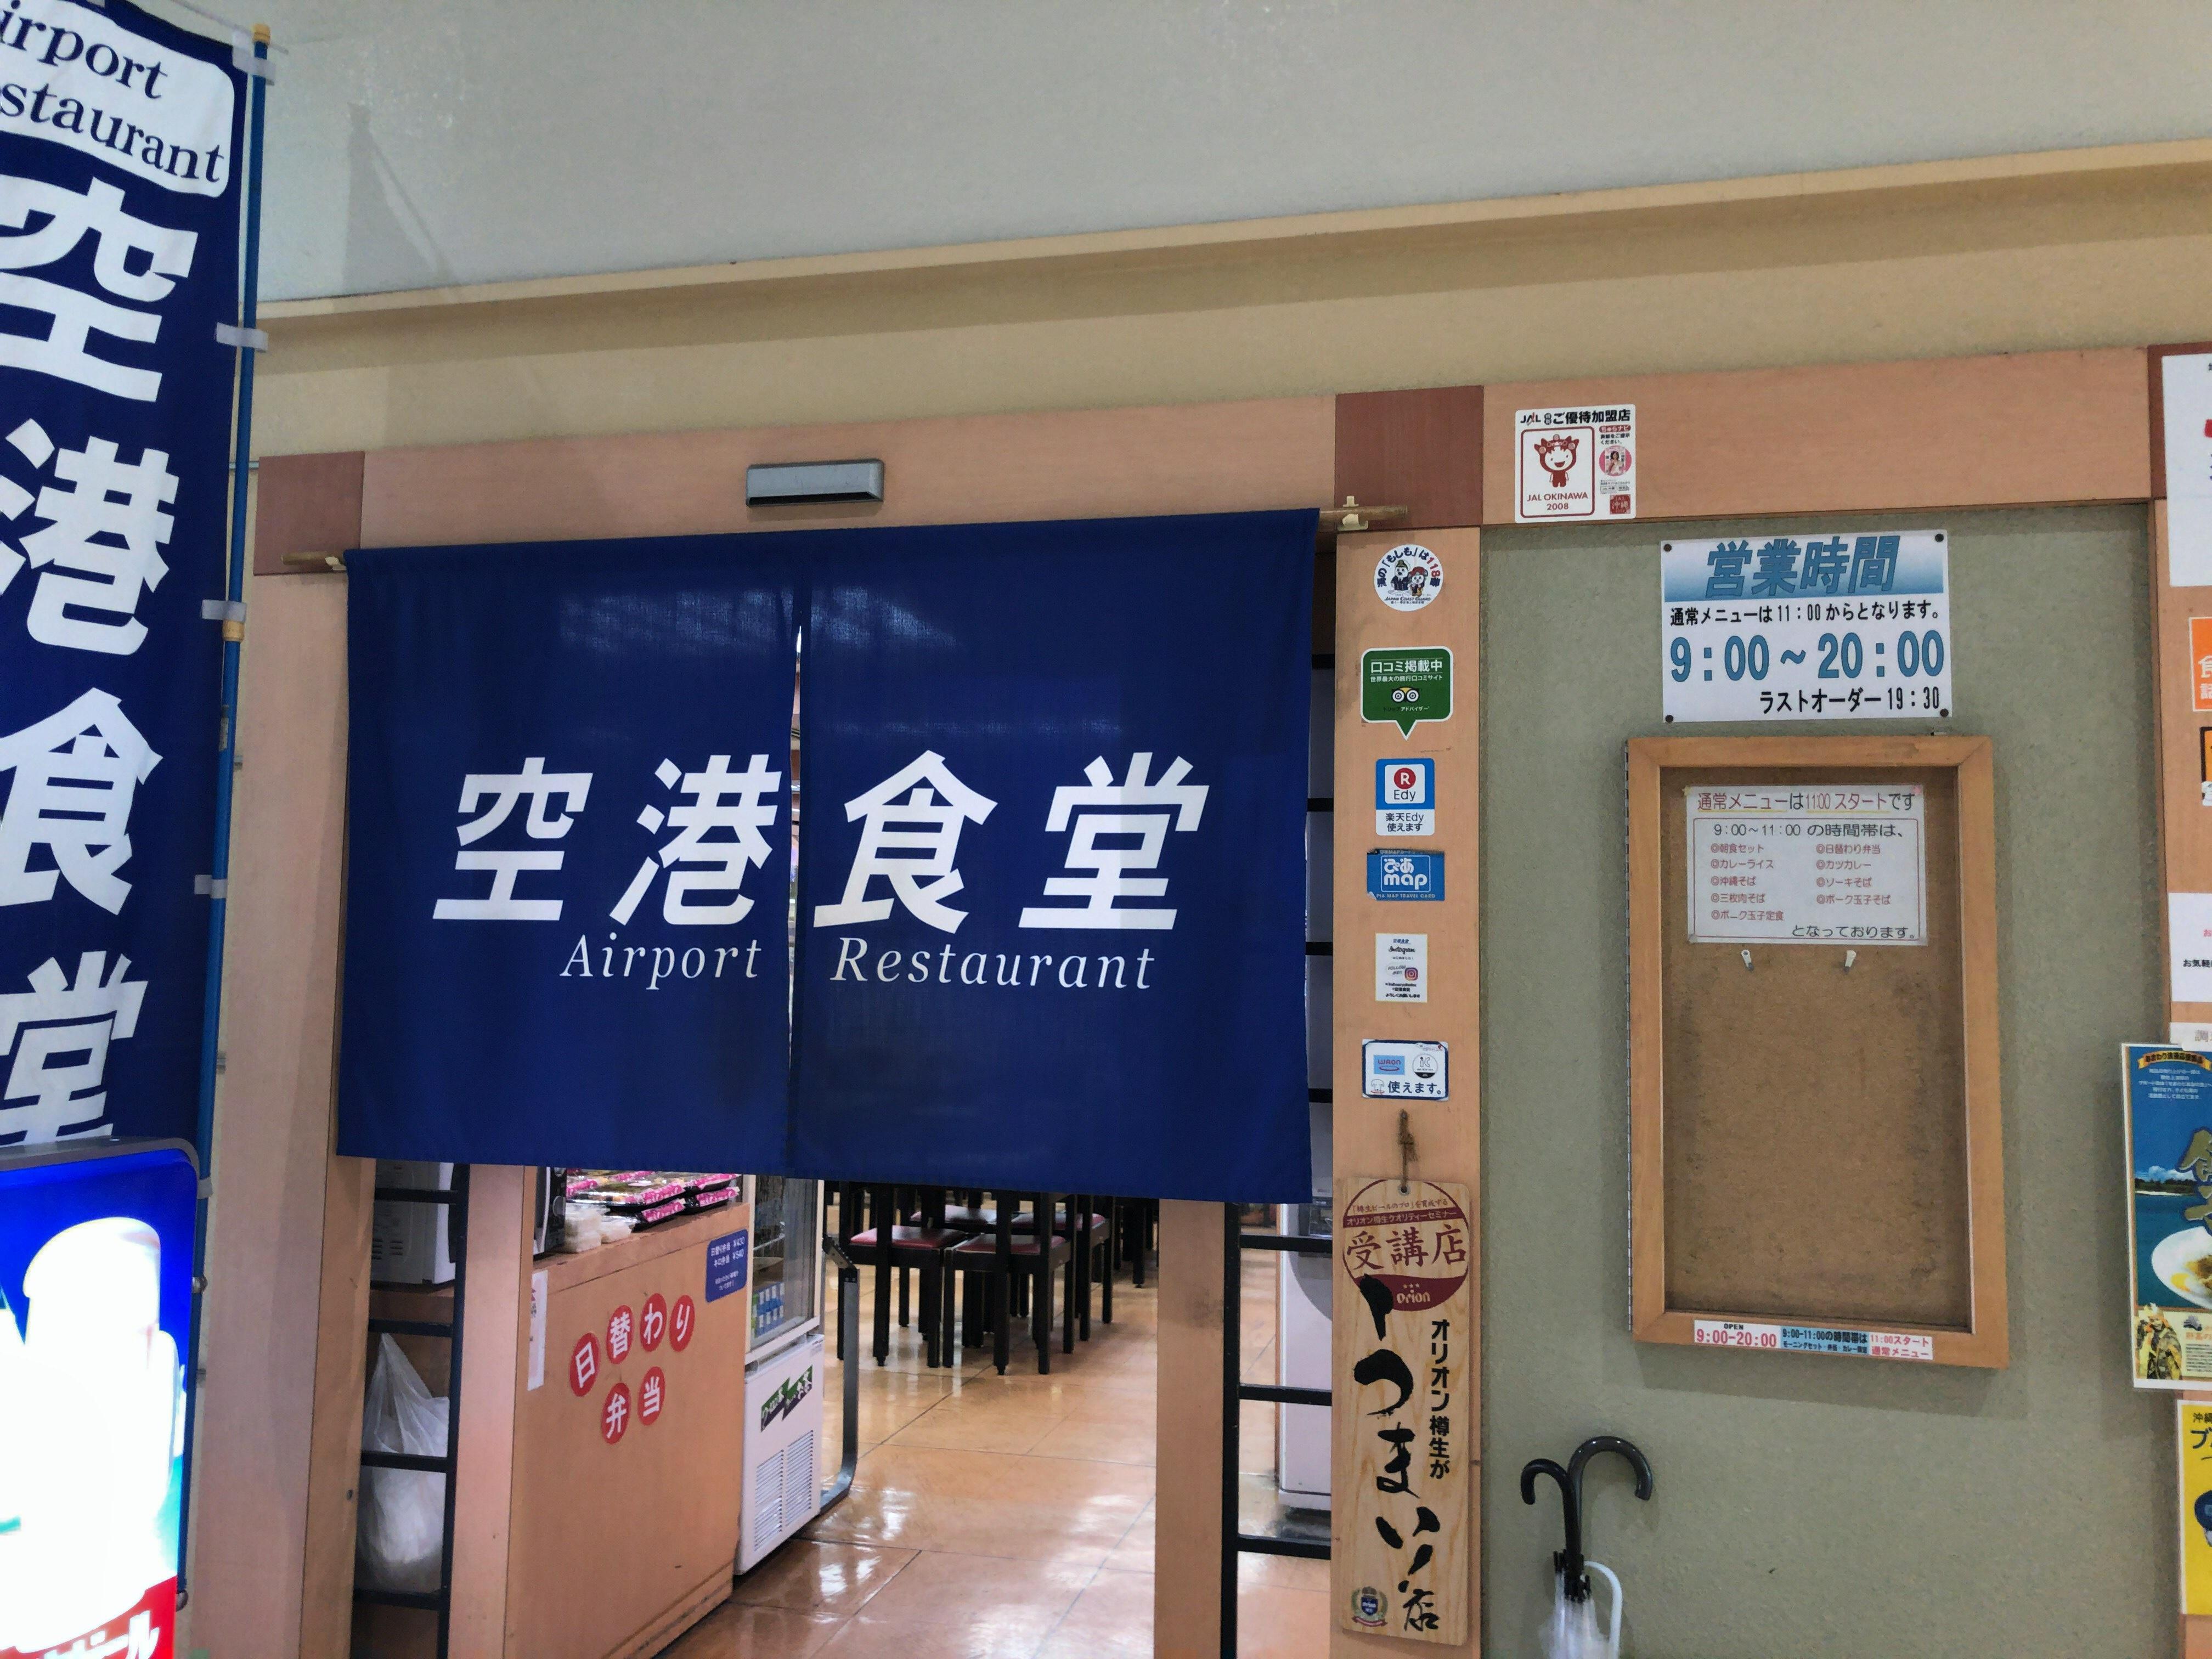 香港旅行2019 (空港食堂)